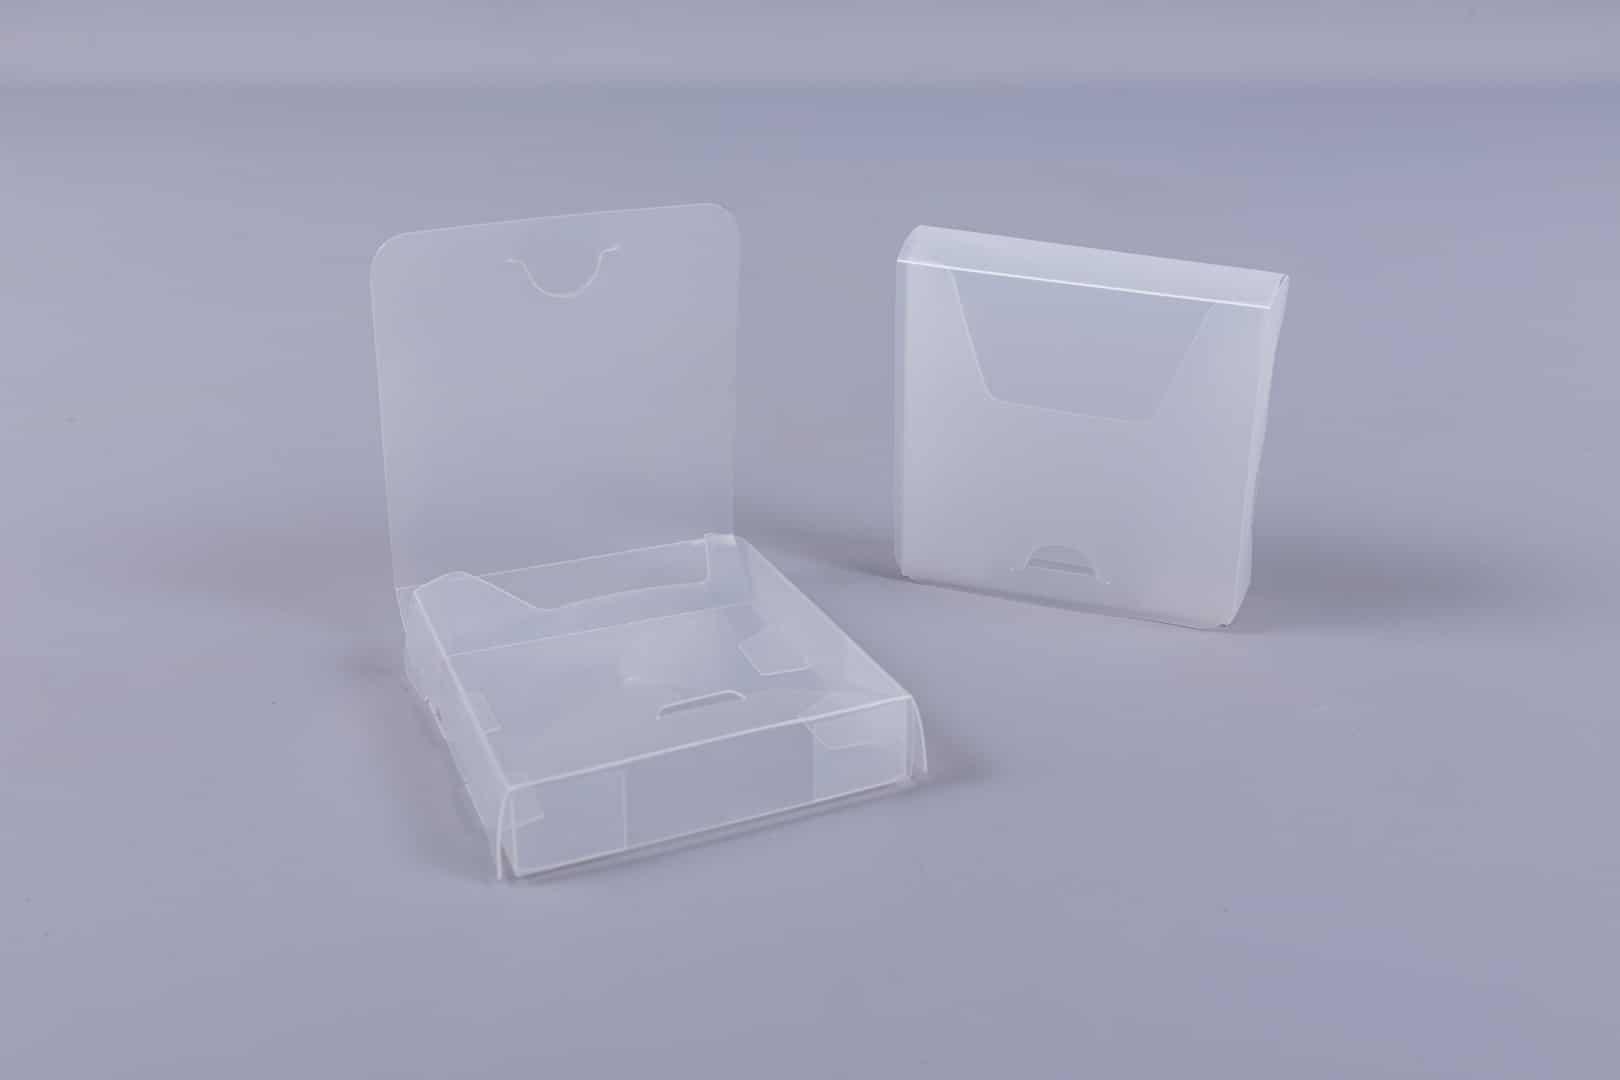 étui PVC rigide pour emballage